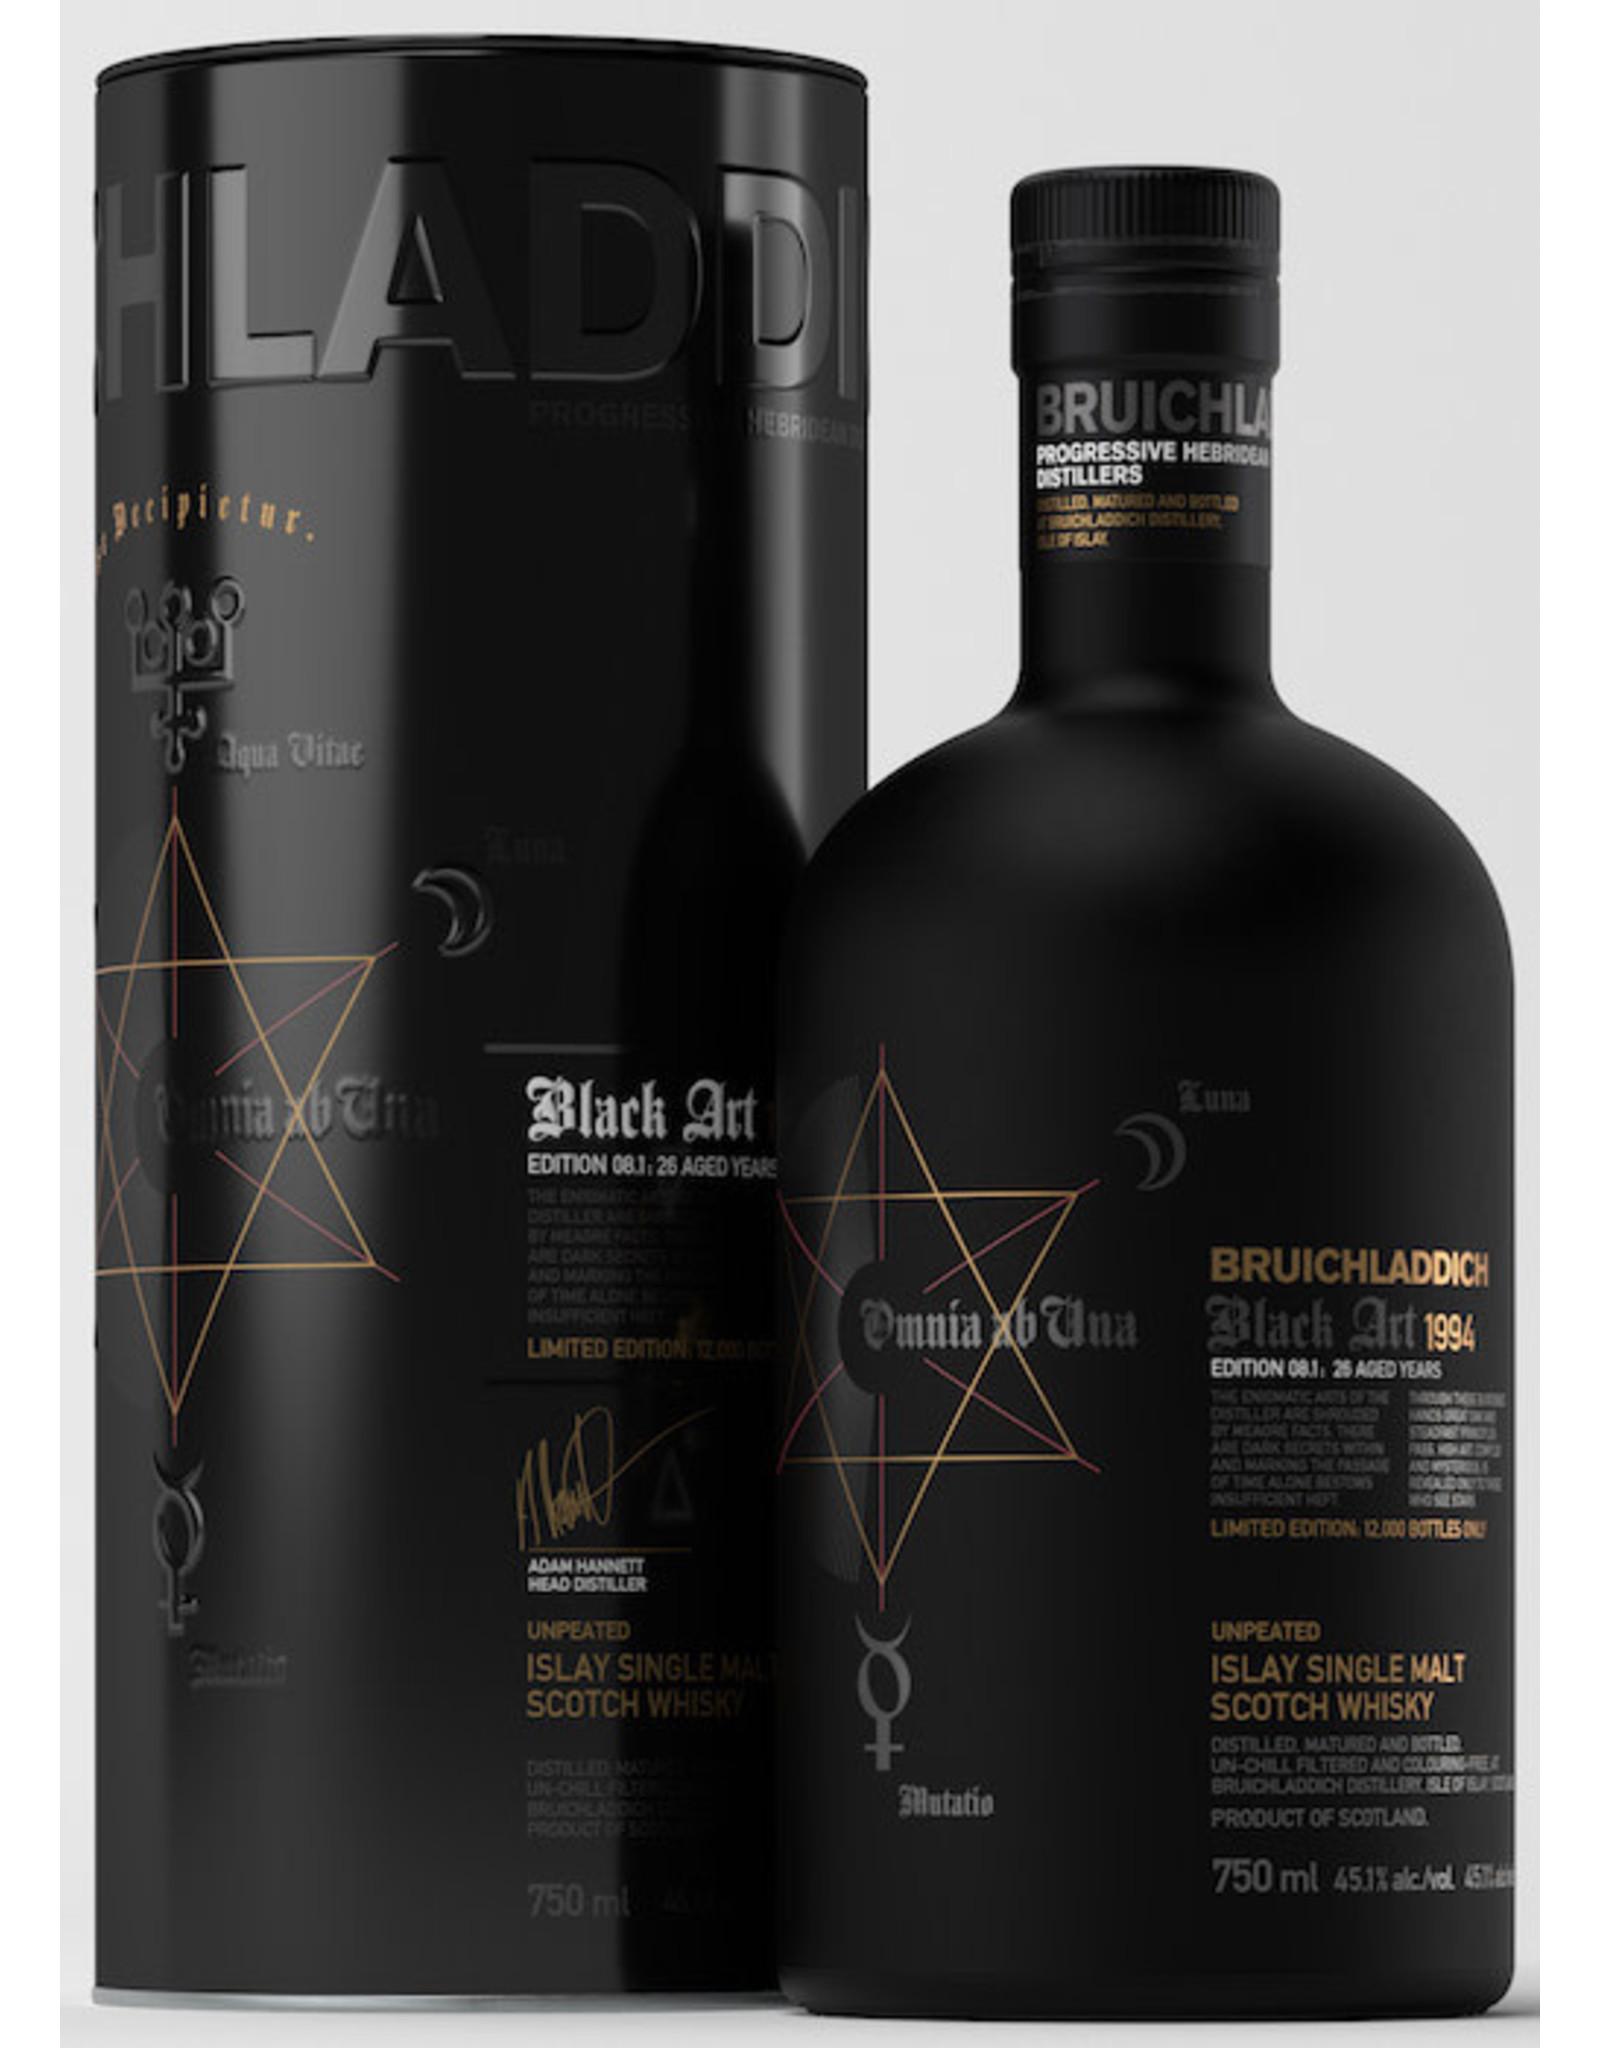 Bruichladdich Black Art 1994 Edition 08.1